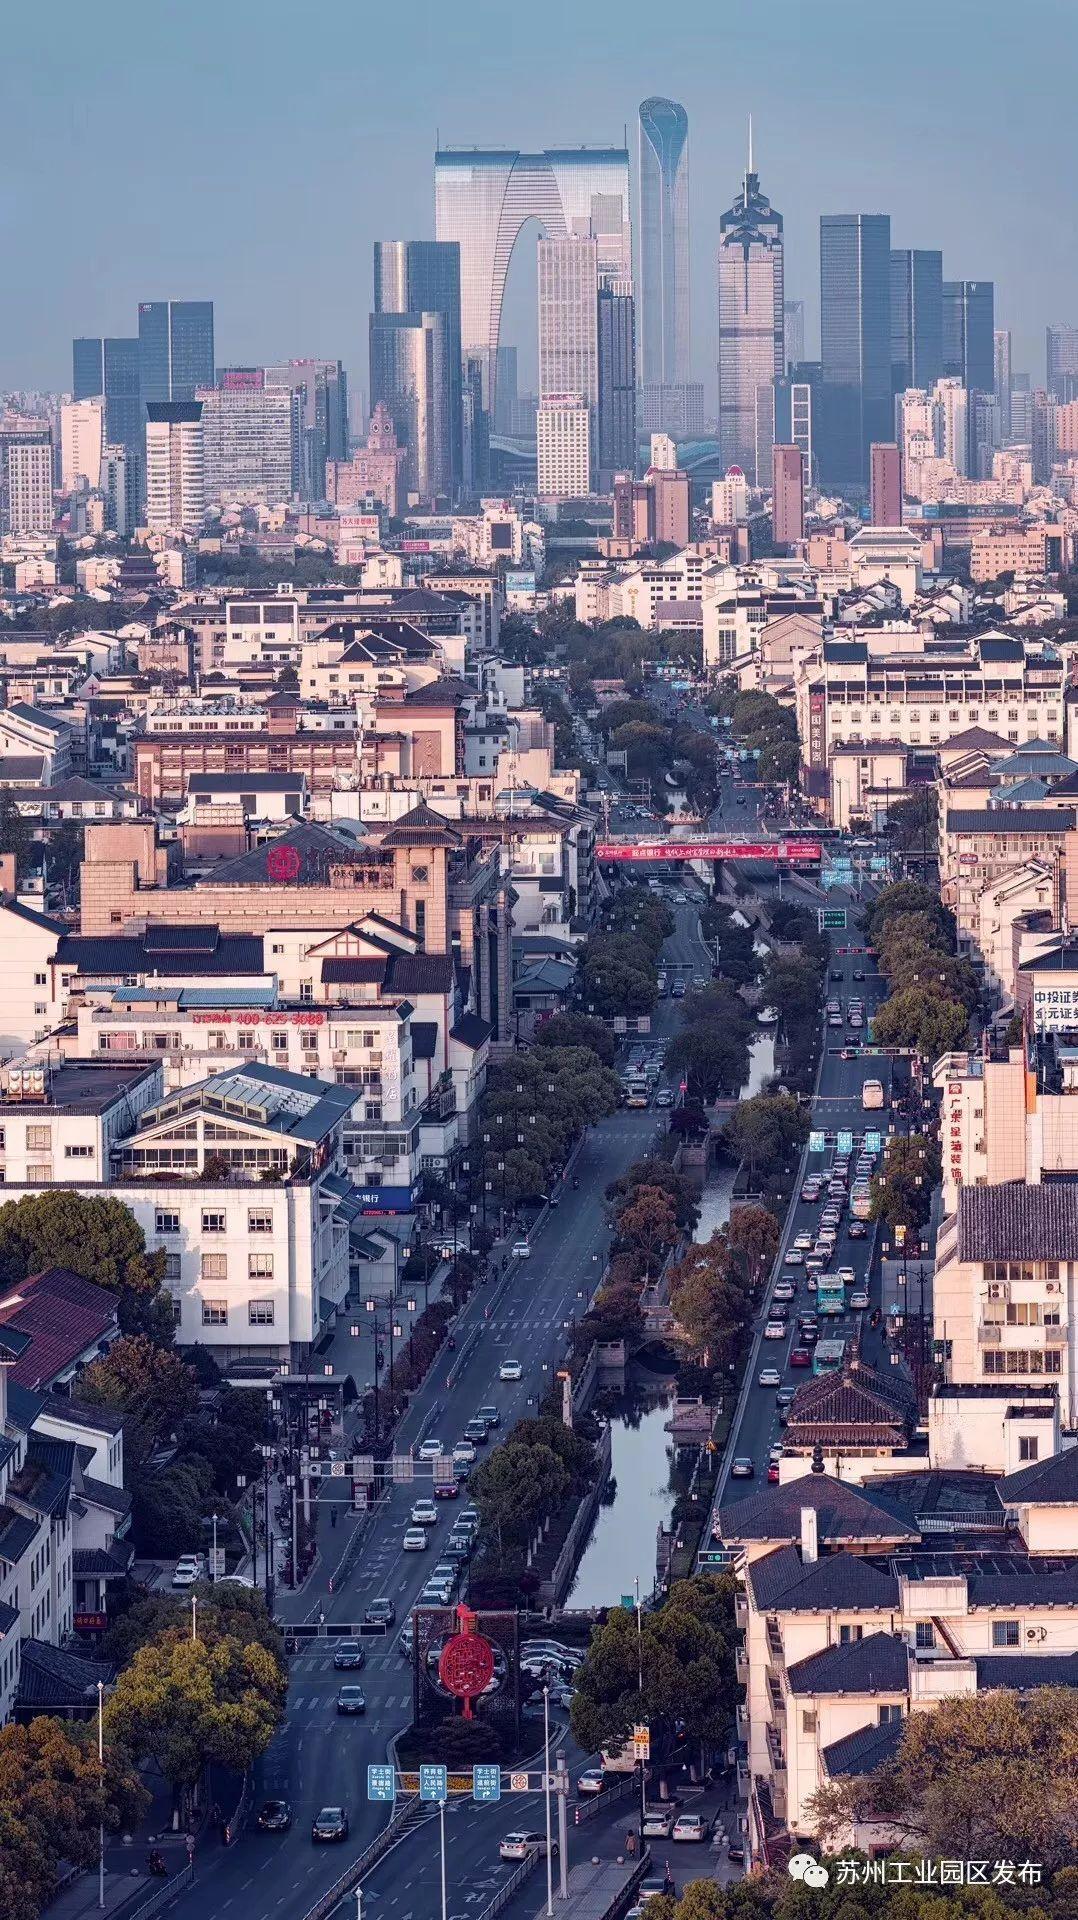 苏州外来人口有多少_我国10大经济强市外来人口排名,深圳高居第2,重庆仅排第